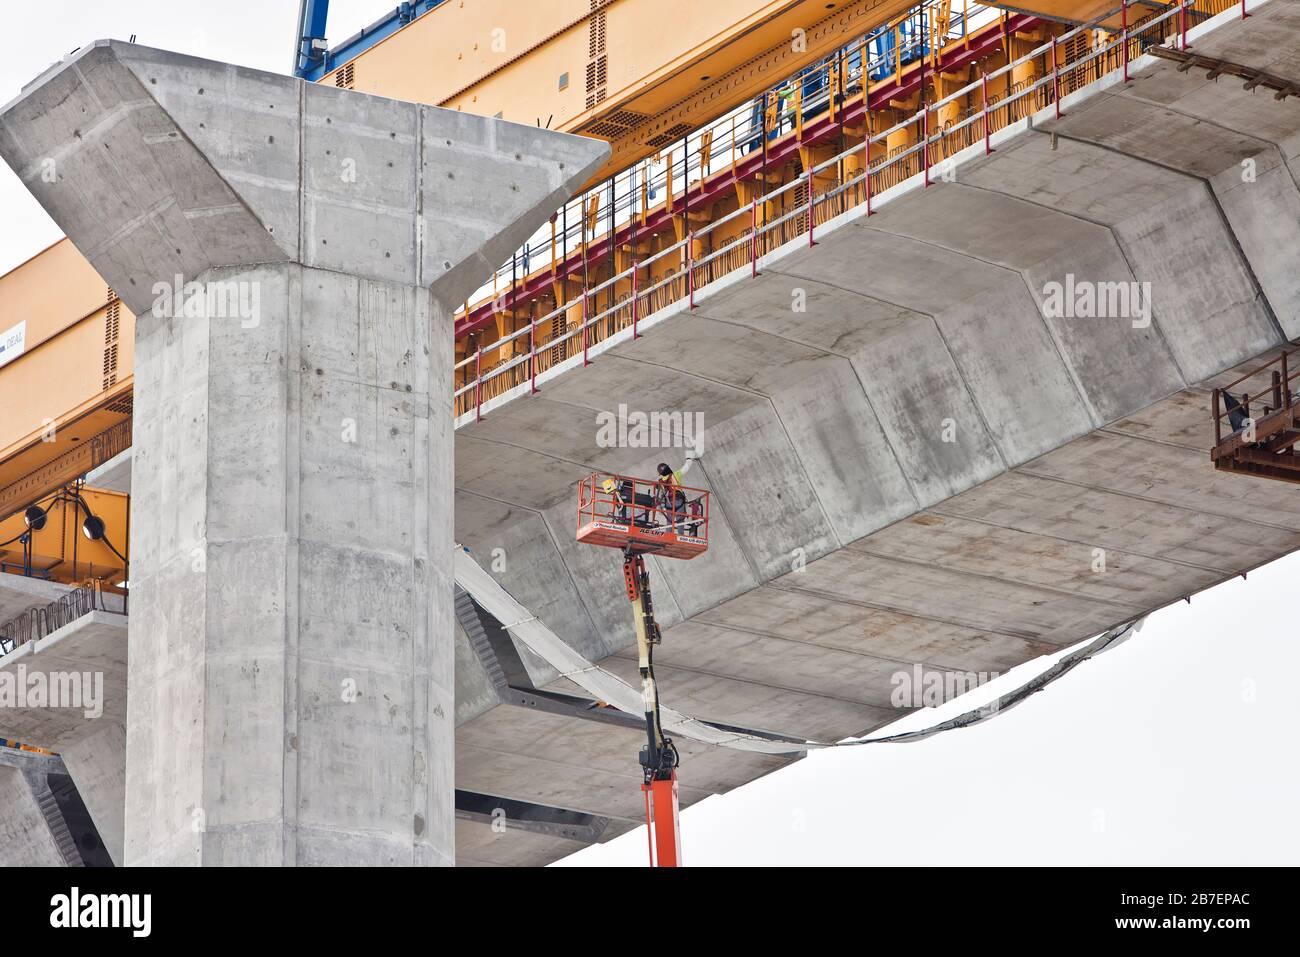 Construcción del puente New Harbor, trabajador suspendido con el elevador de fuerza extendido, limpiando juntas de cemento debajo del puente. Foto de stock